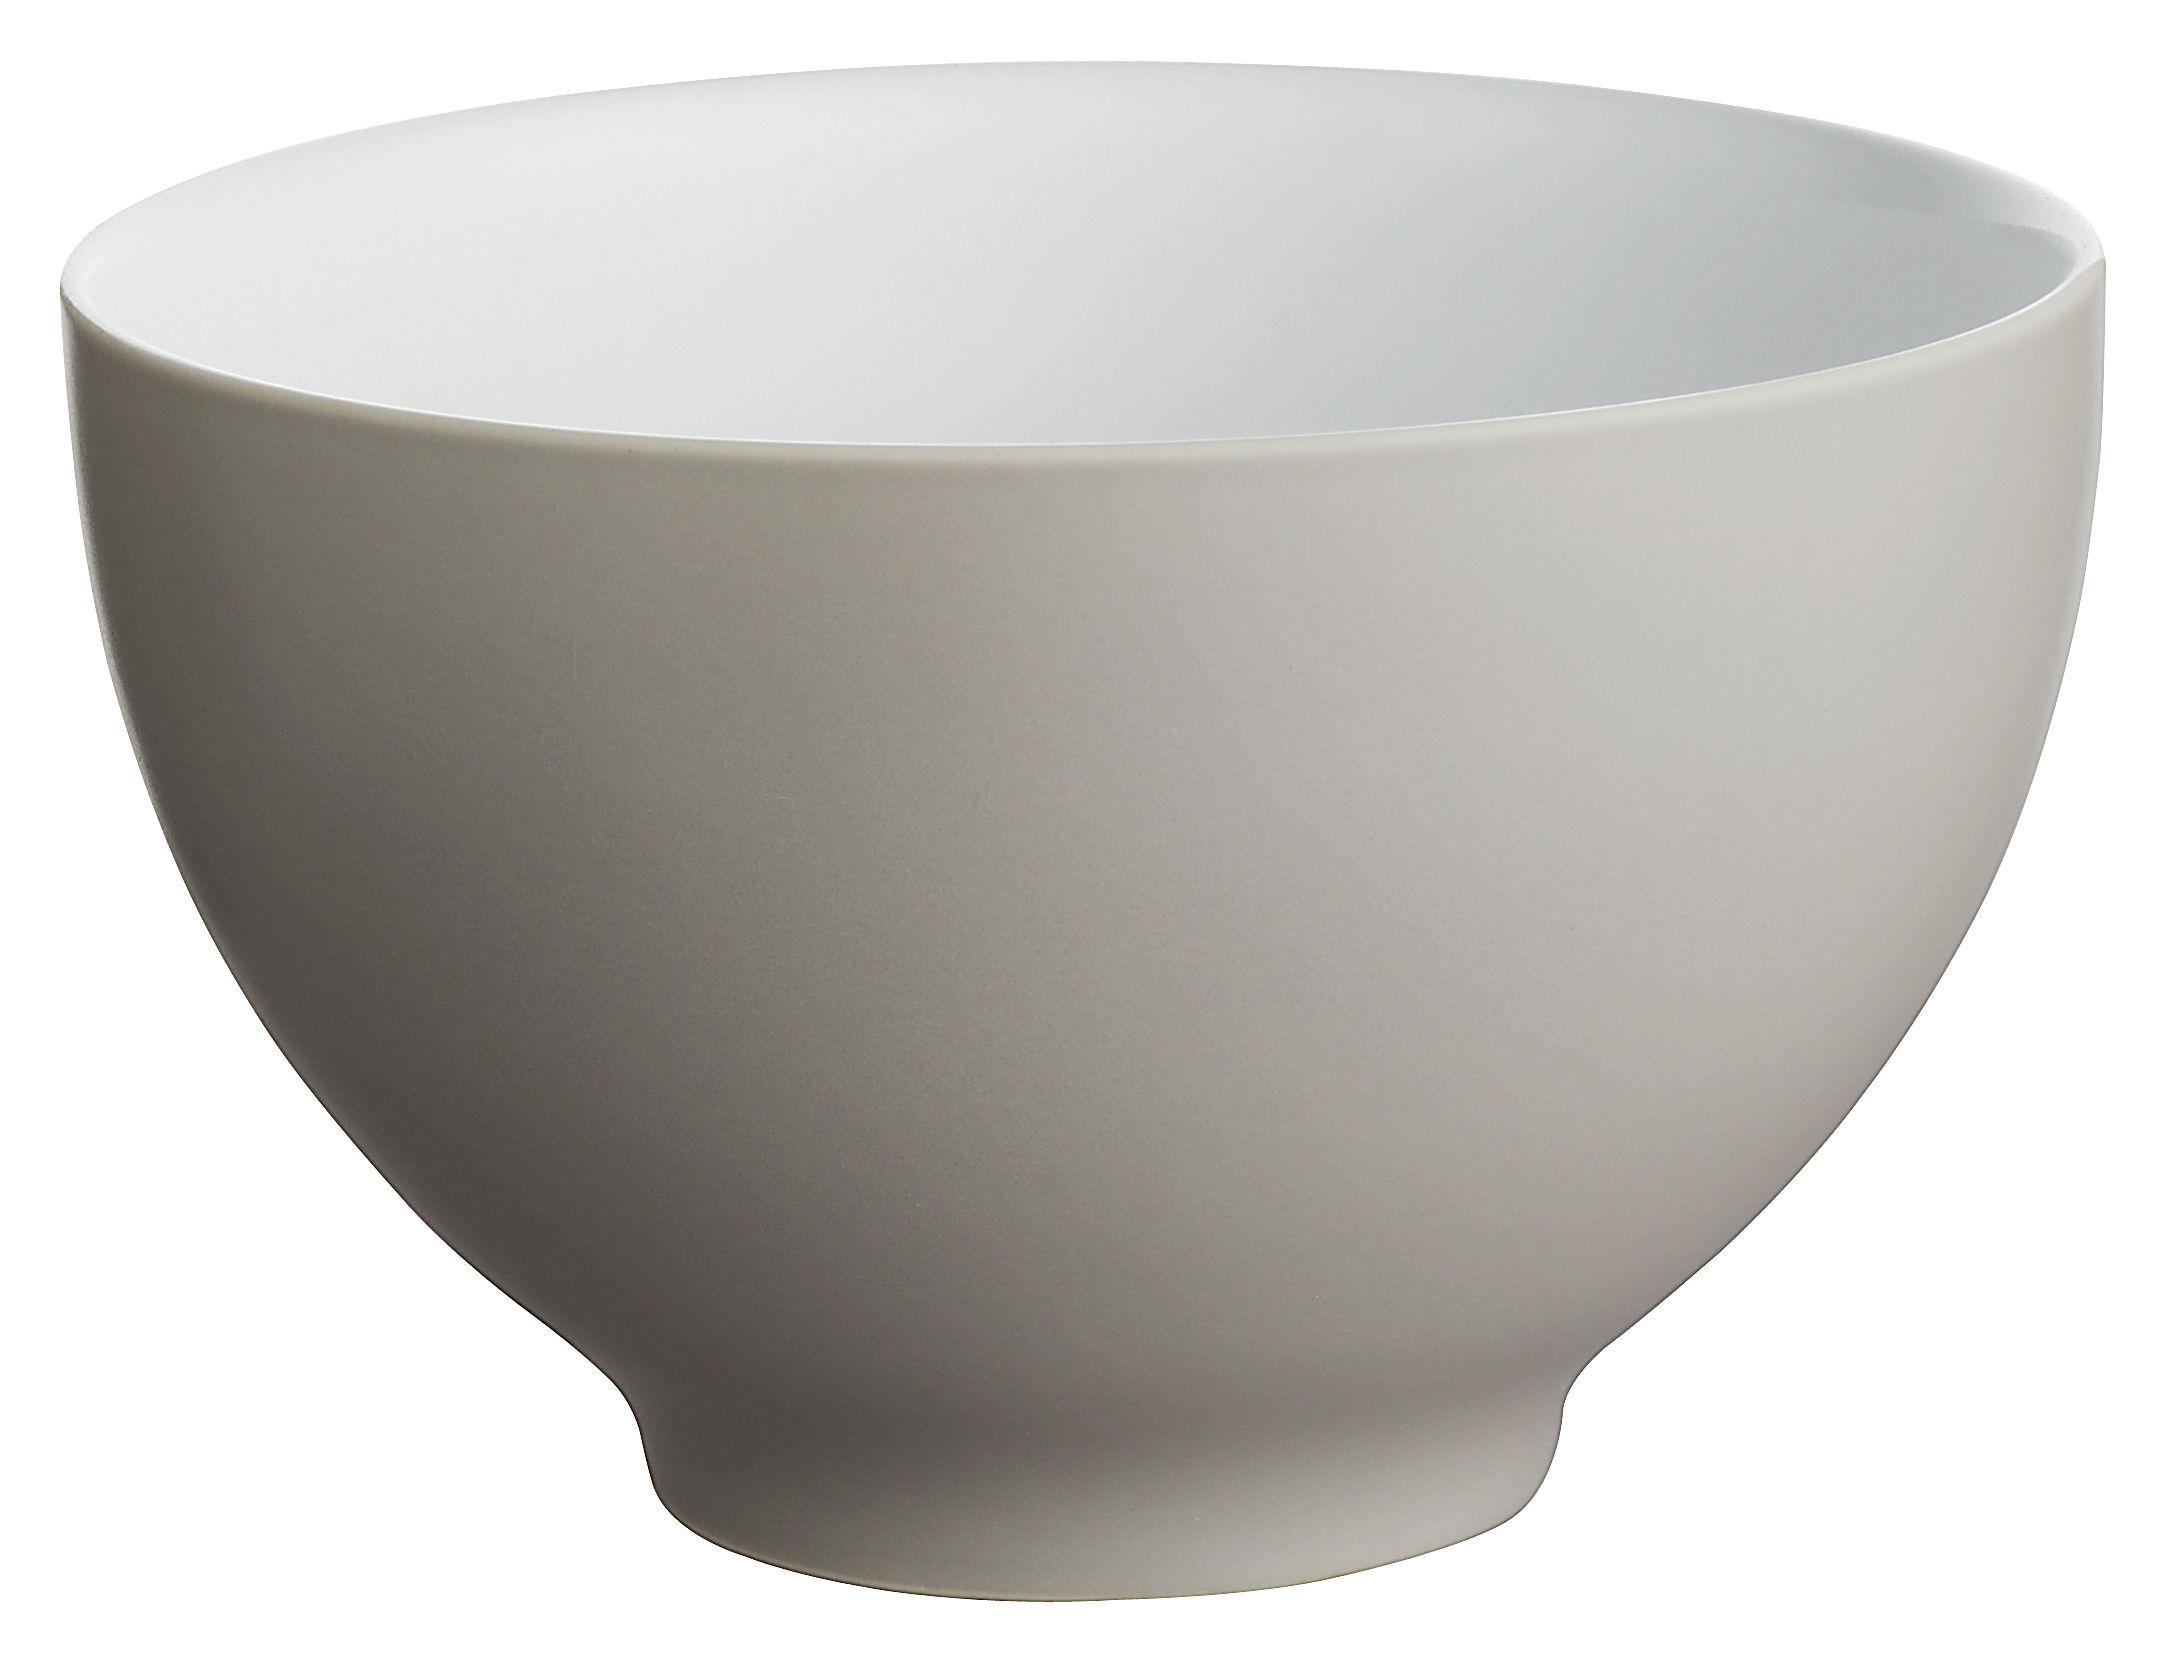 Tavola - Ciotole - Ciotola Tonale - Ciotola grande di Alessi - Grigio chiaro/interno bianco - Ceramica stoneware